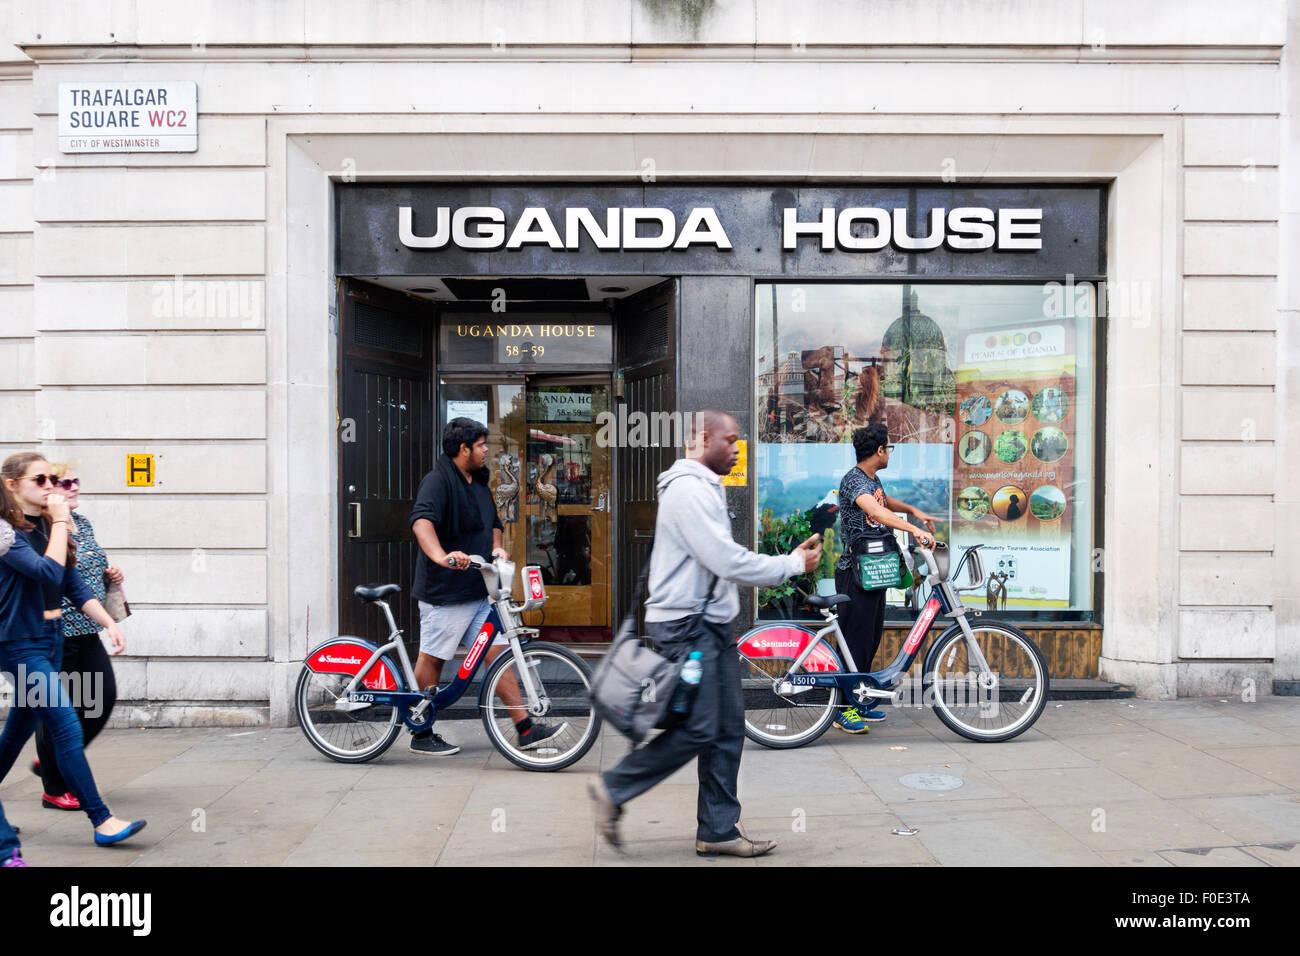 Gente fuera de Uganda Uganda House, la Alta Comisión, Trafalgar Square, Londres, Reino Unido Imagen De Stock